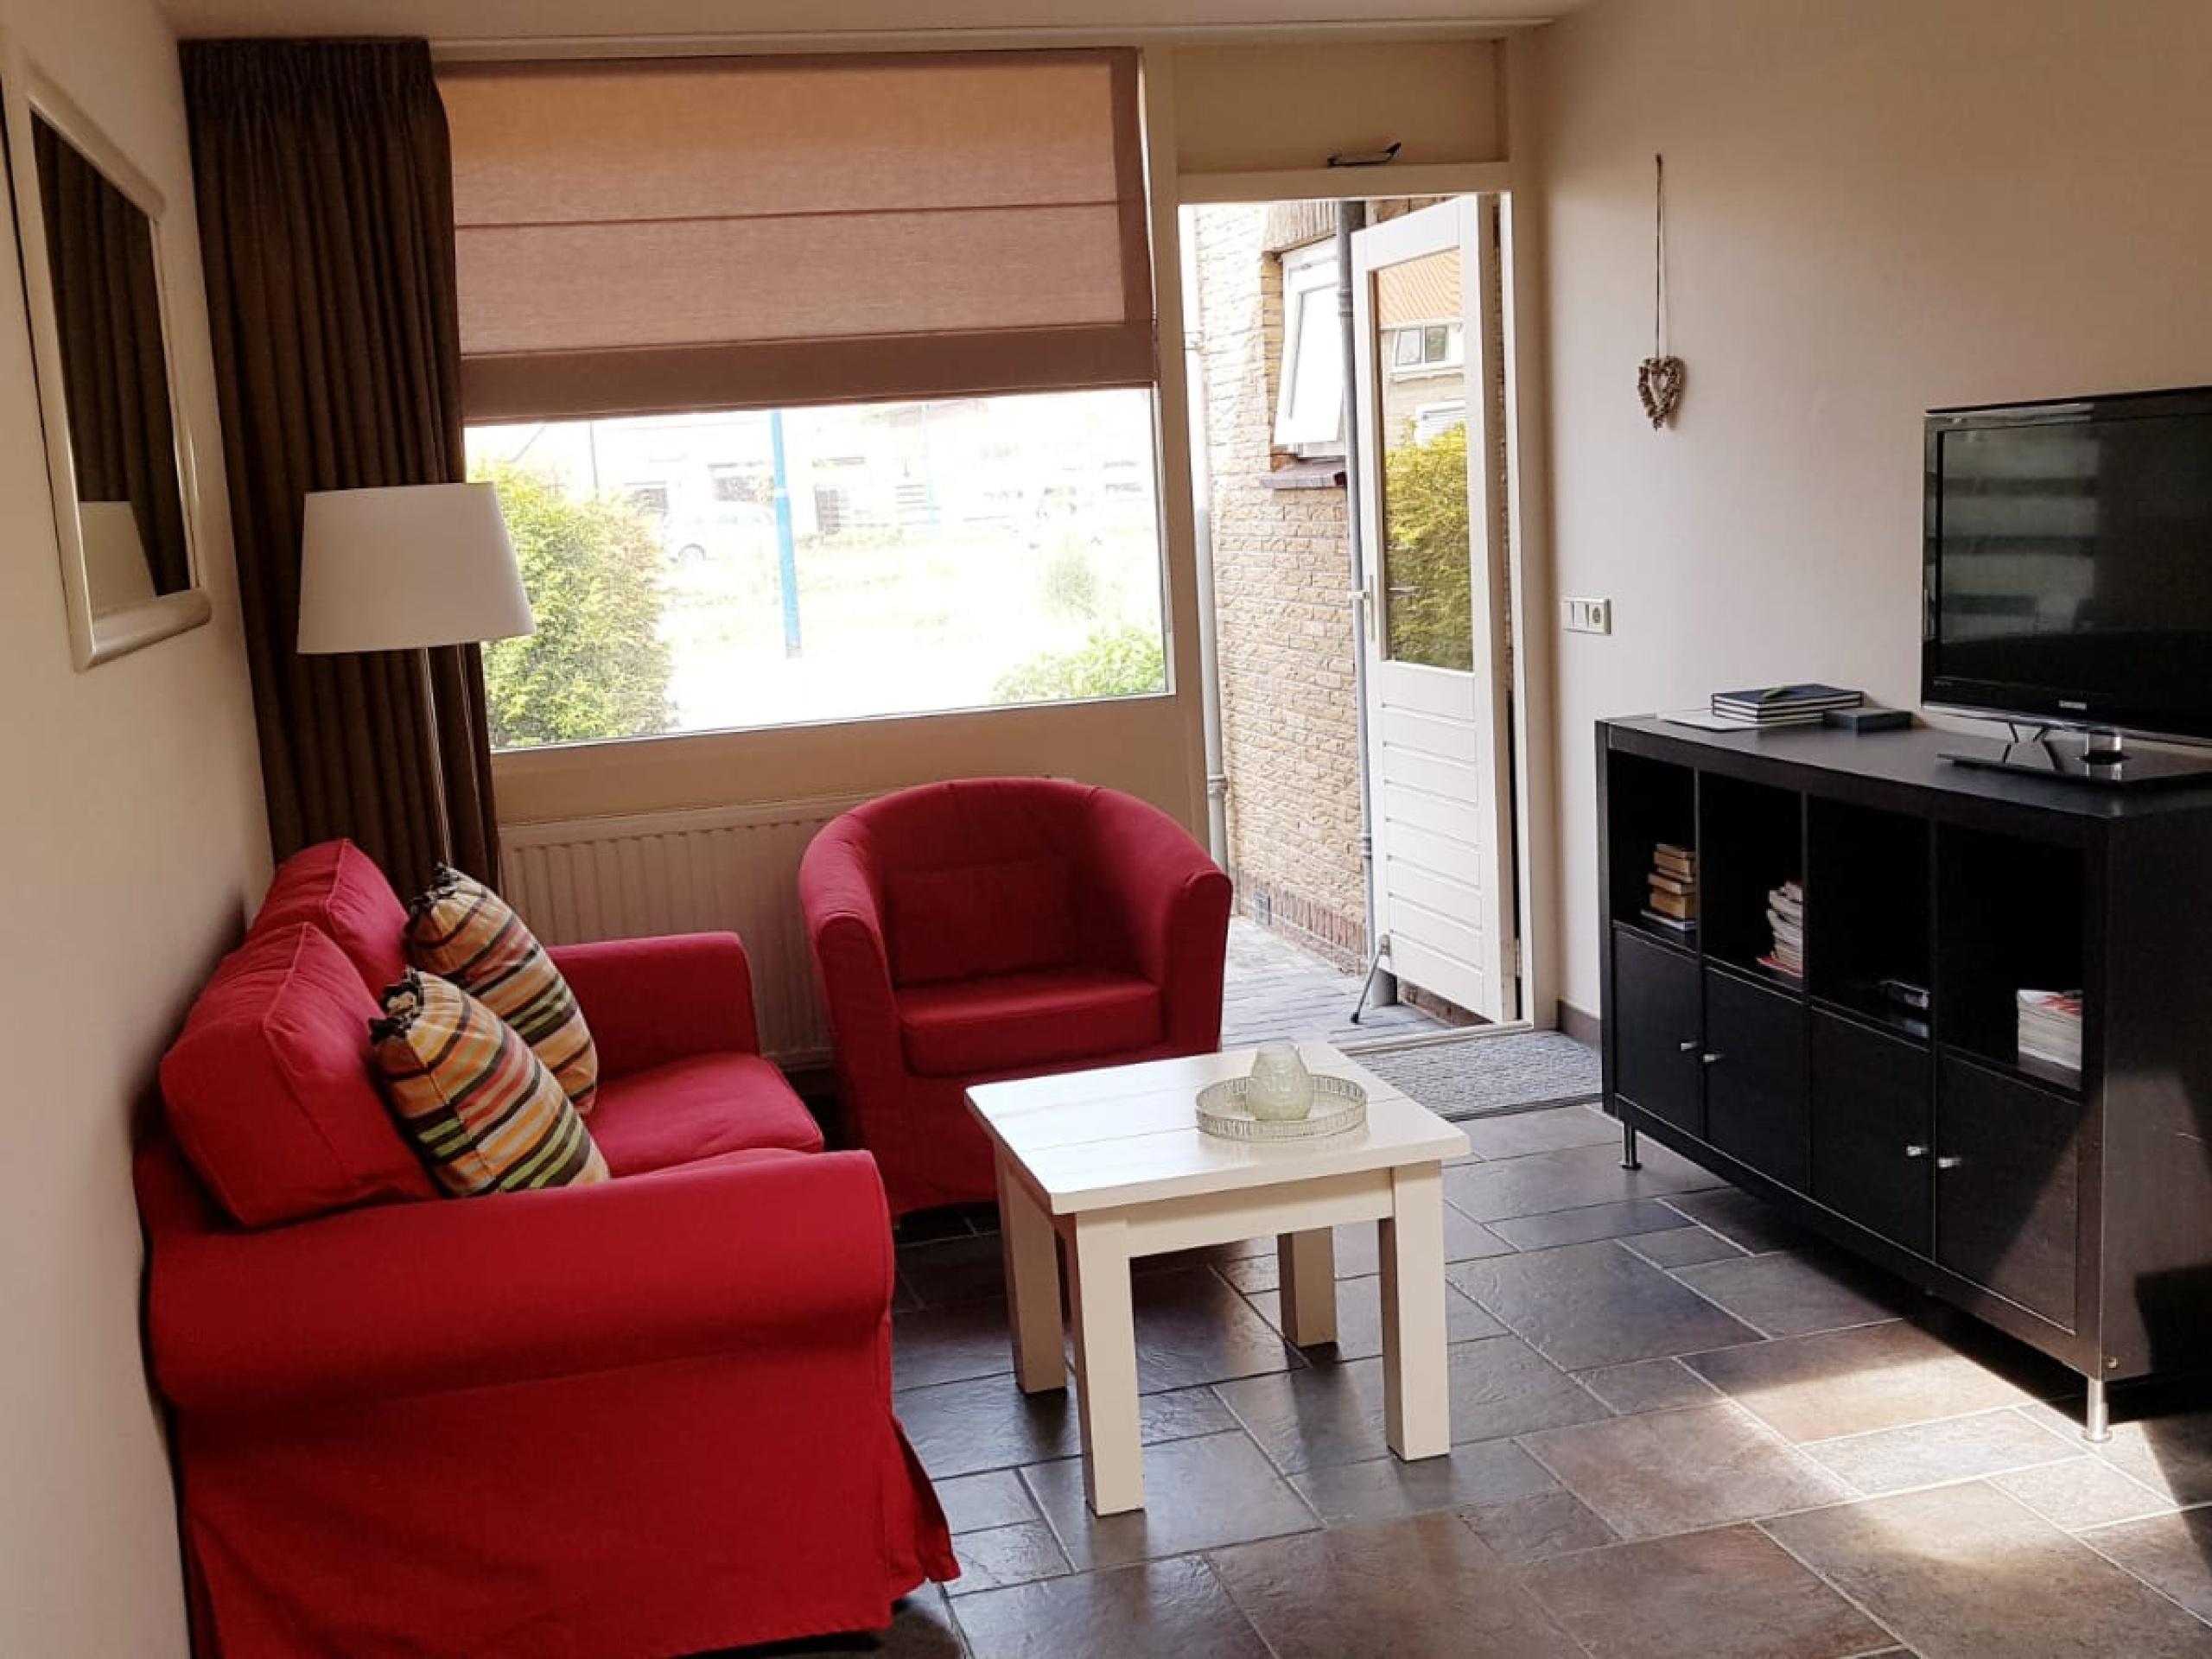 Behagliches Ferienhaus ideal gelegen in Strandnähe in De Koog